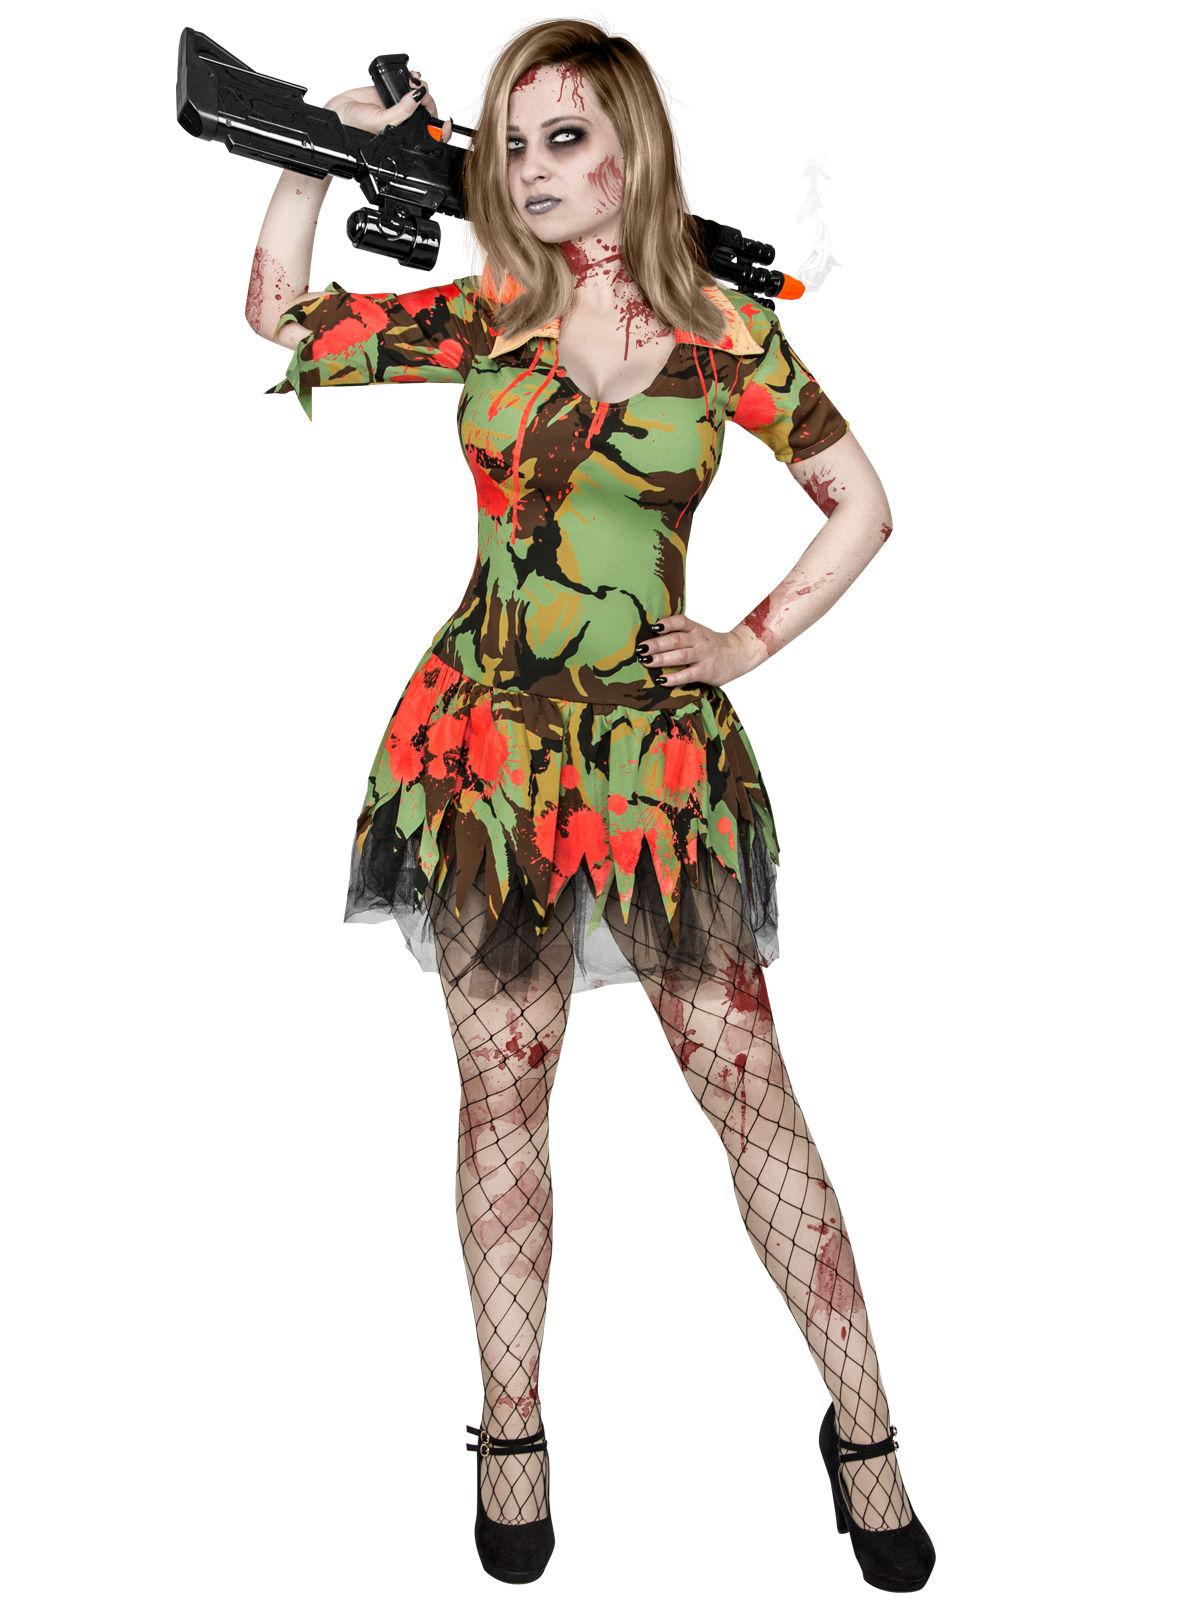 D guisement militaire zombie femme halloween deguise toi achat de d guisements adultes - Deguisement zombie femme ...